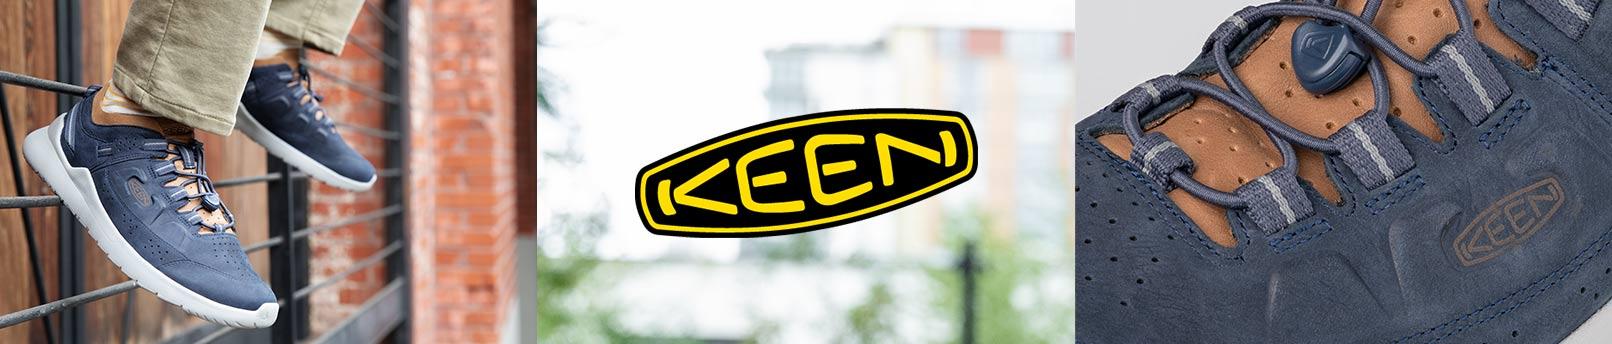 Descubre Keen